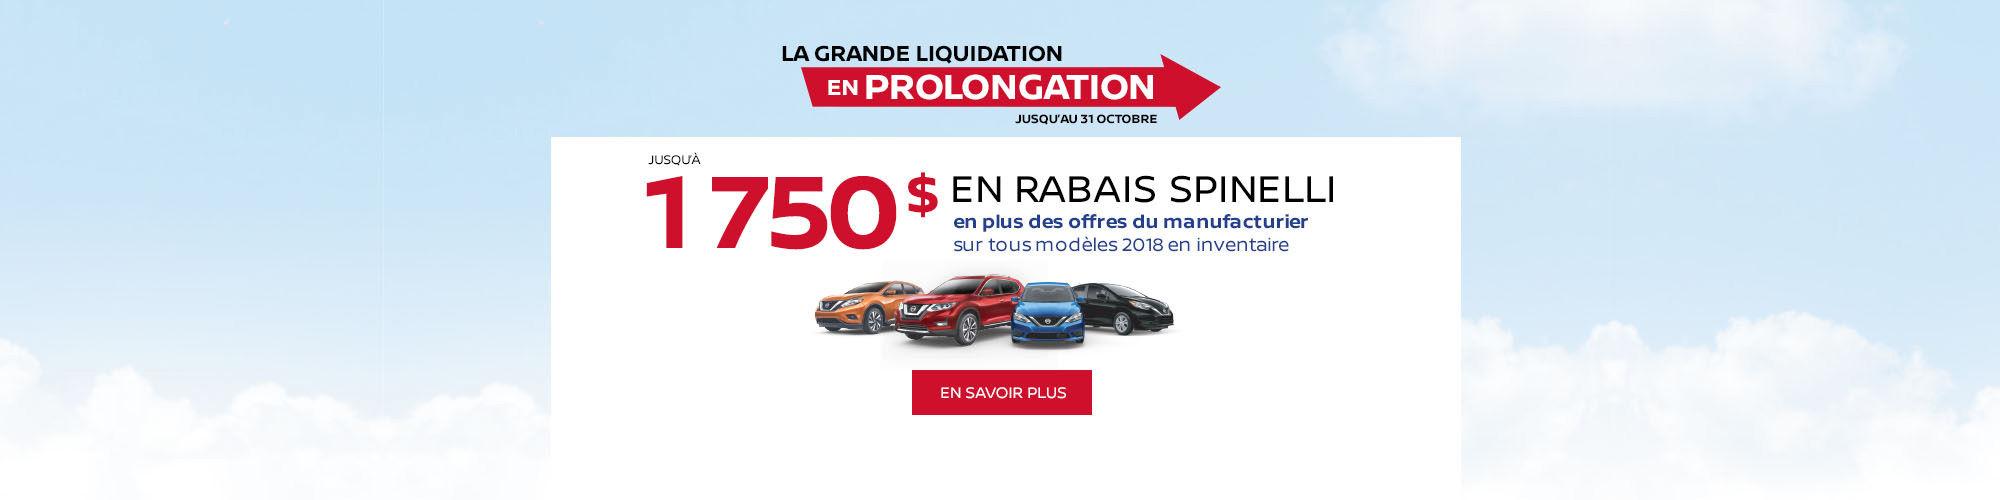 Spinelli Nissan Liquidation